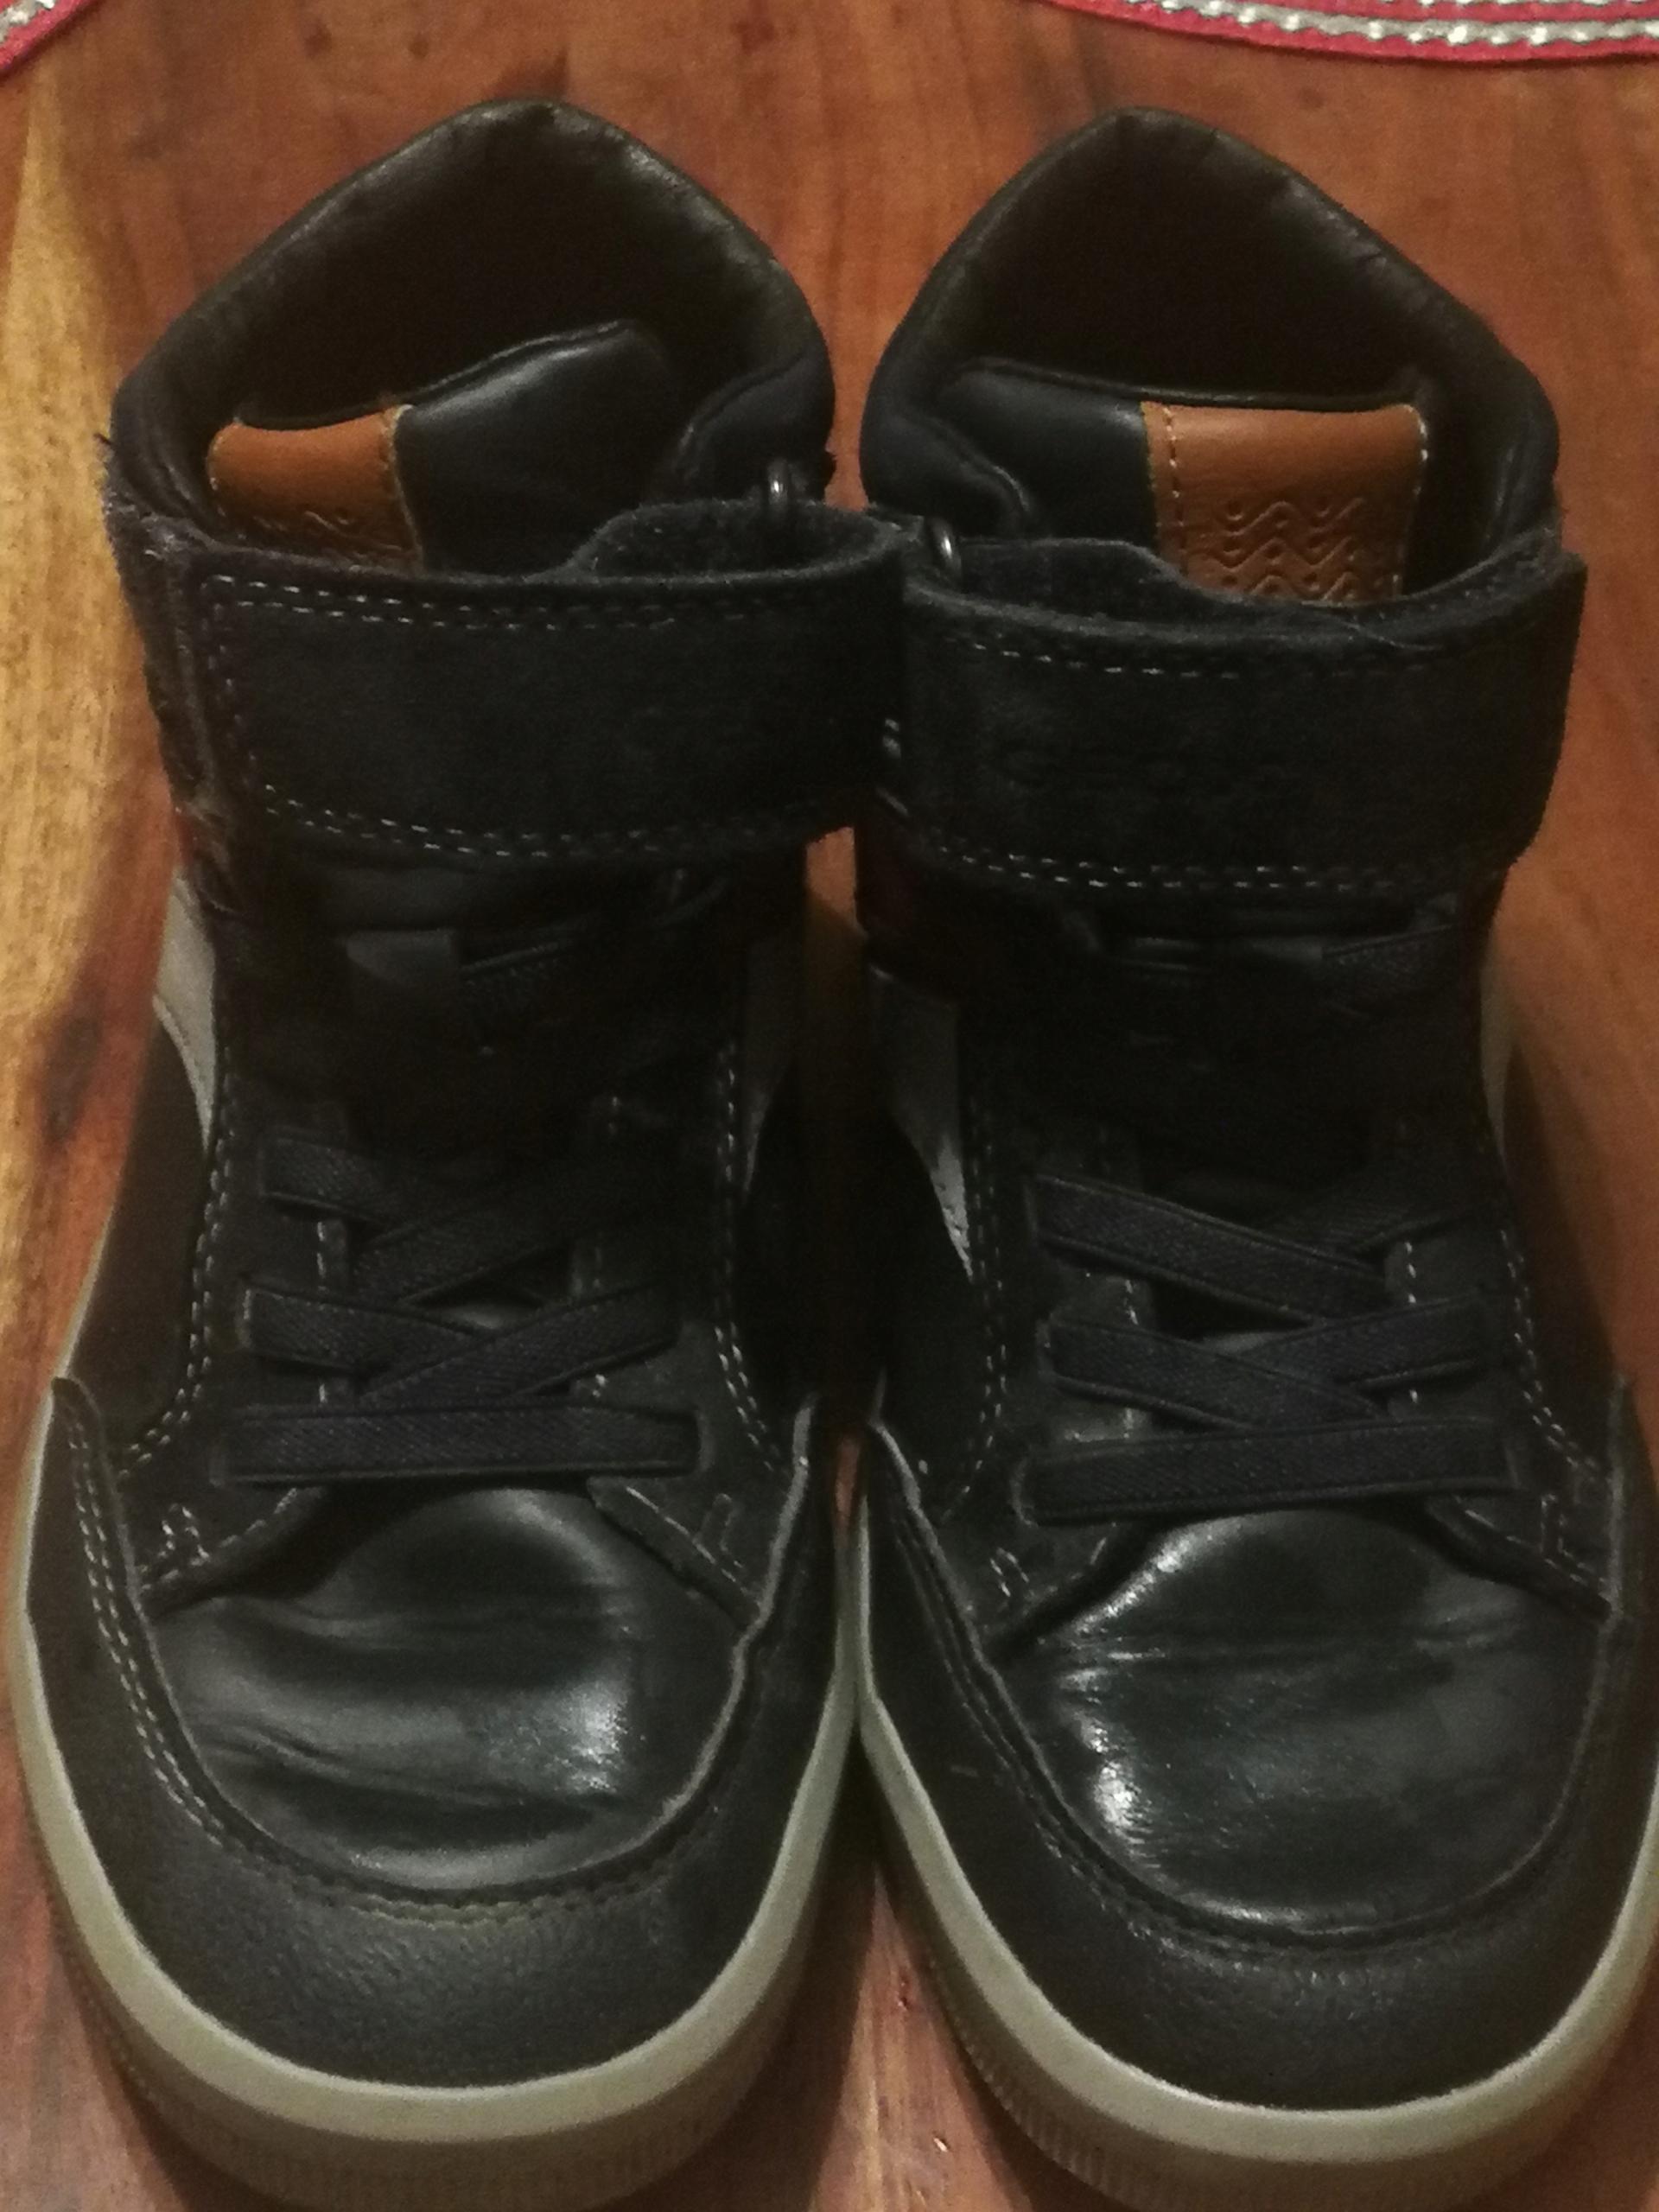 9c493542 Buty dla chłopca do kostki Geox jak nowe. - 7591330696 - oficjalne ...